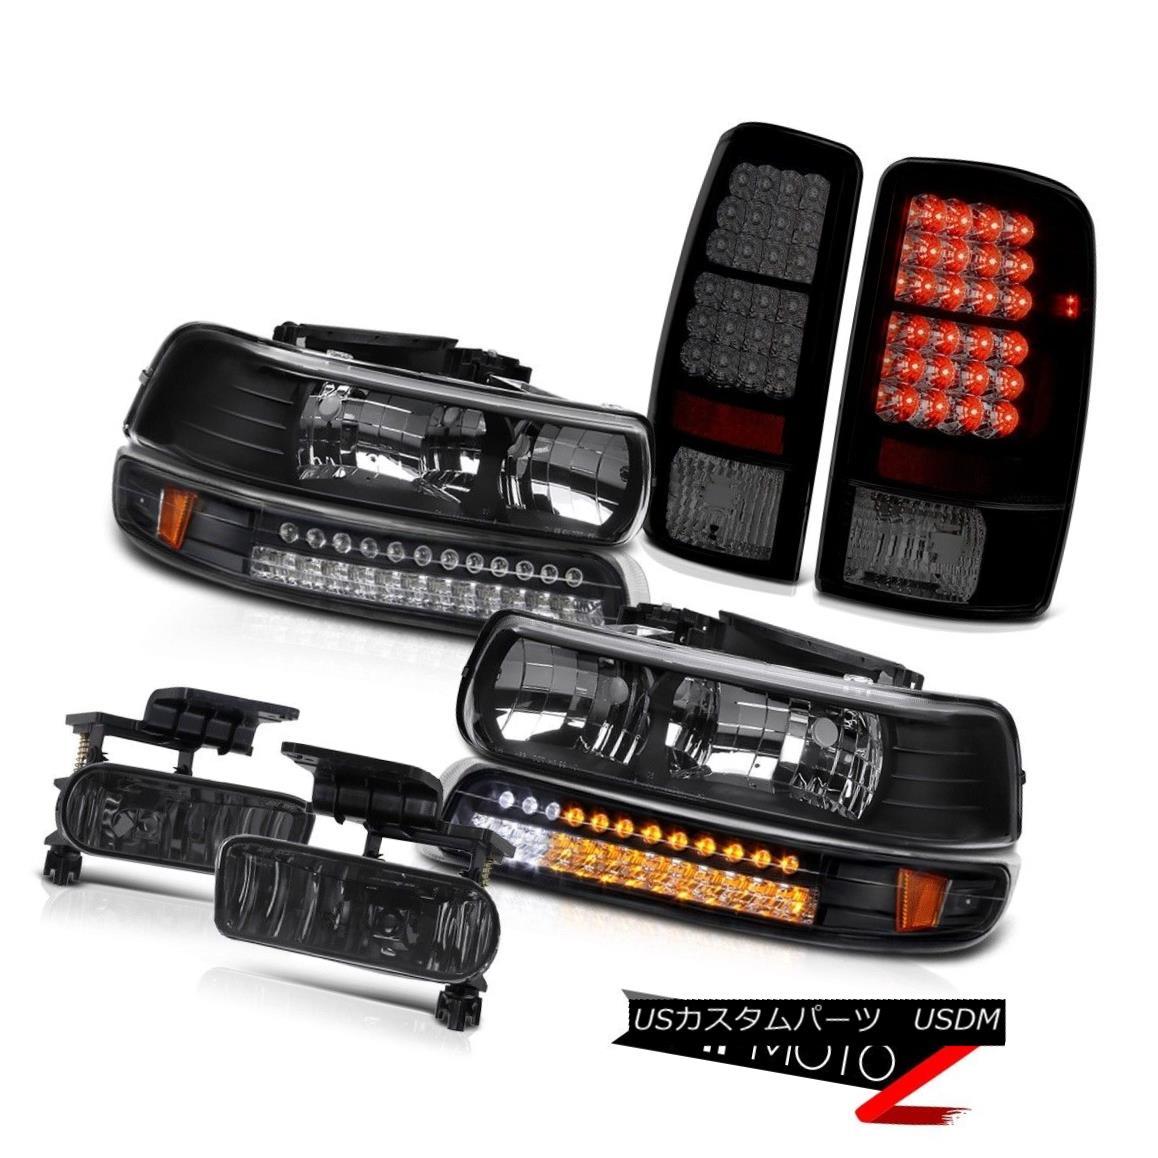 テールライト Black Headlights LED Bumper Sinister Tail Light Fog 00 01 02 03 04 05 Suburban ブラックヘッドライトLEDバンパーSinisterテールライトフォグ00 01 02 03 04 05郊外